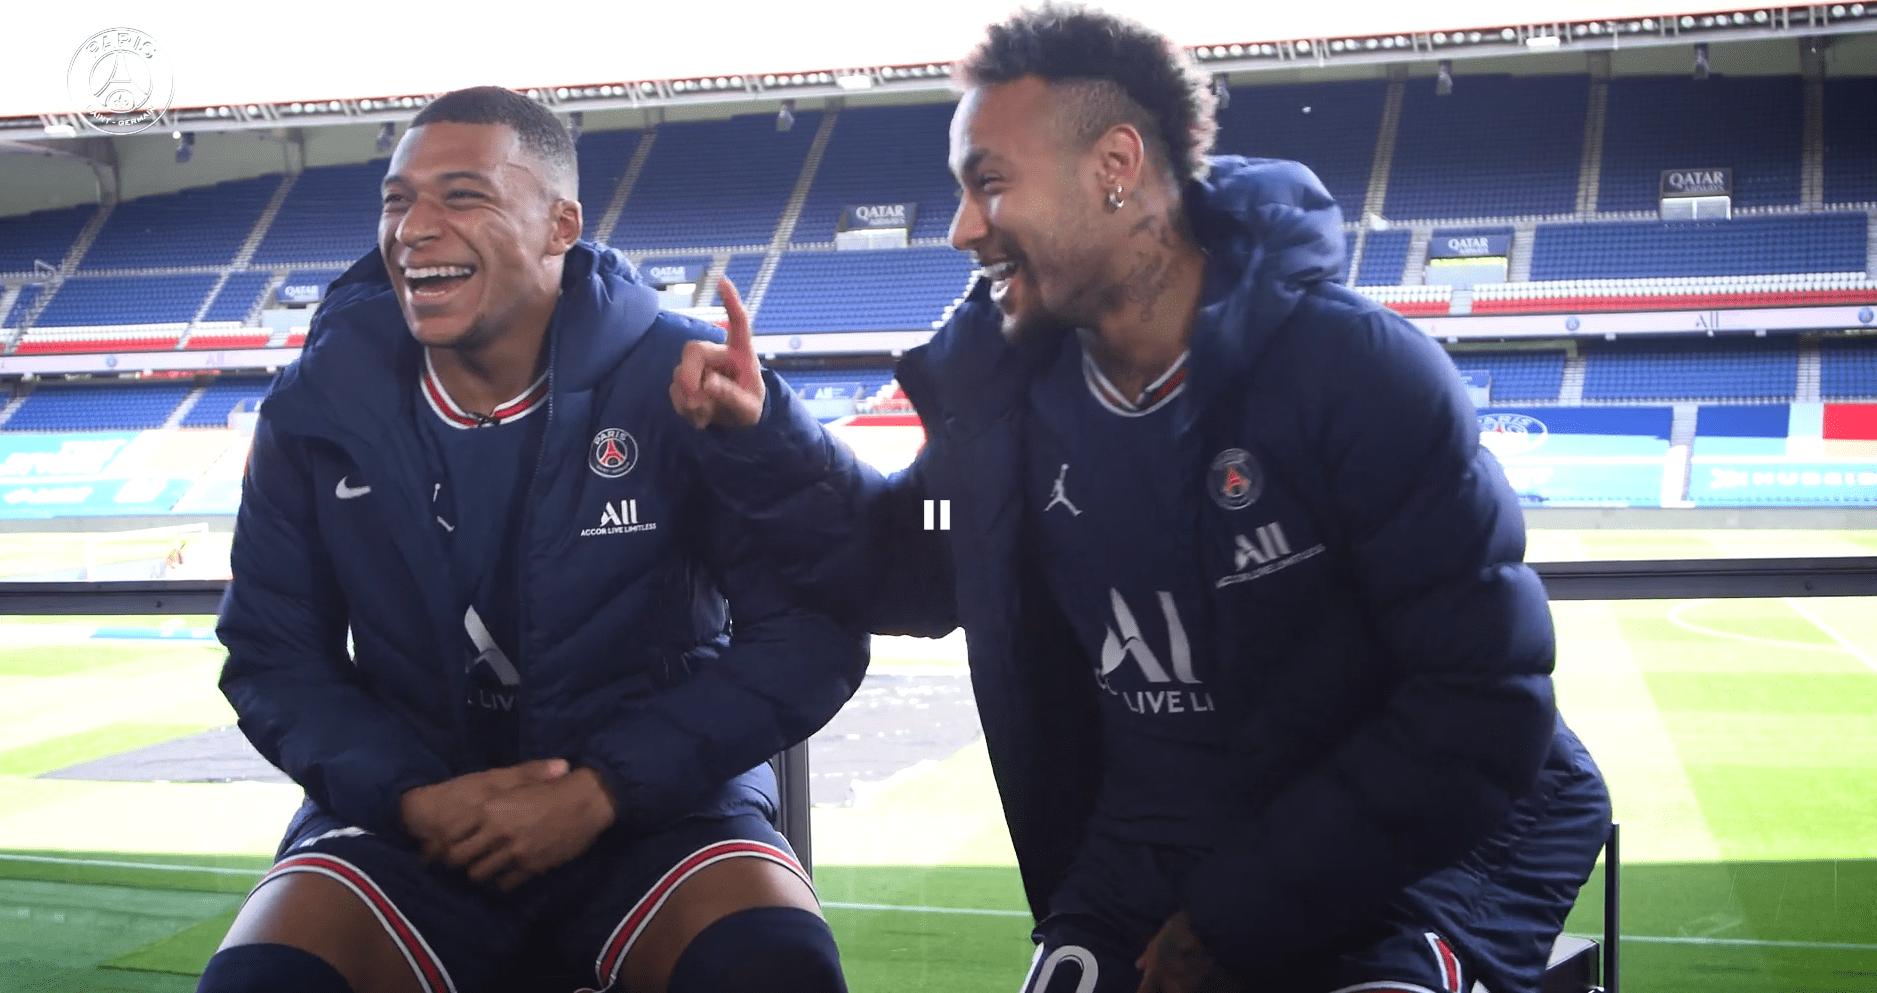 L'interview croisée de Mbappé et Neymar : connexion, Ballon d'Or et objectifs